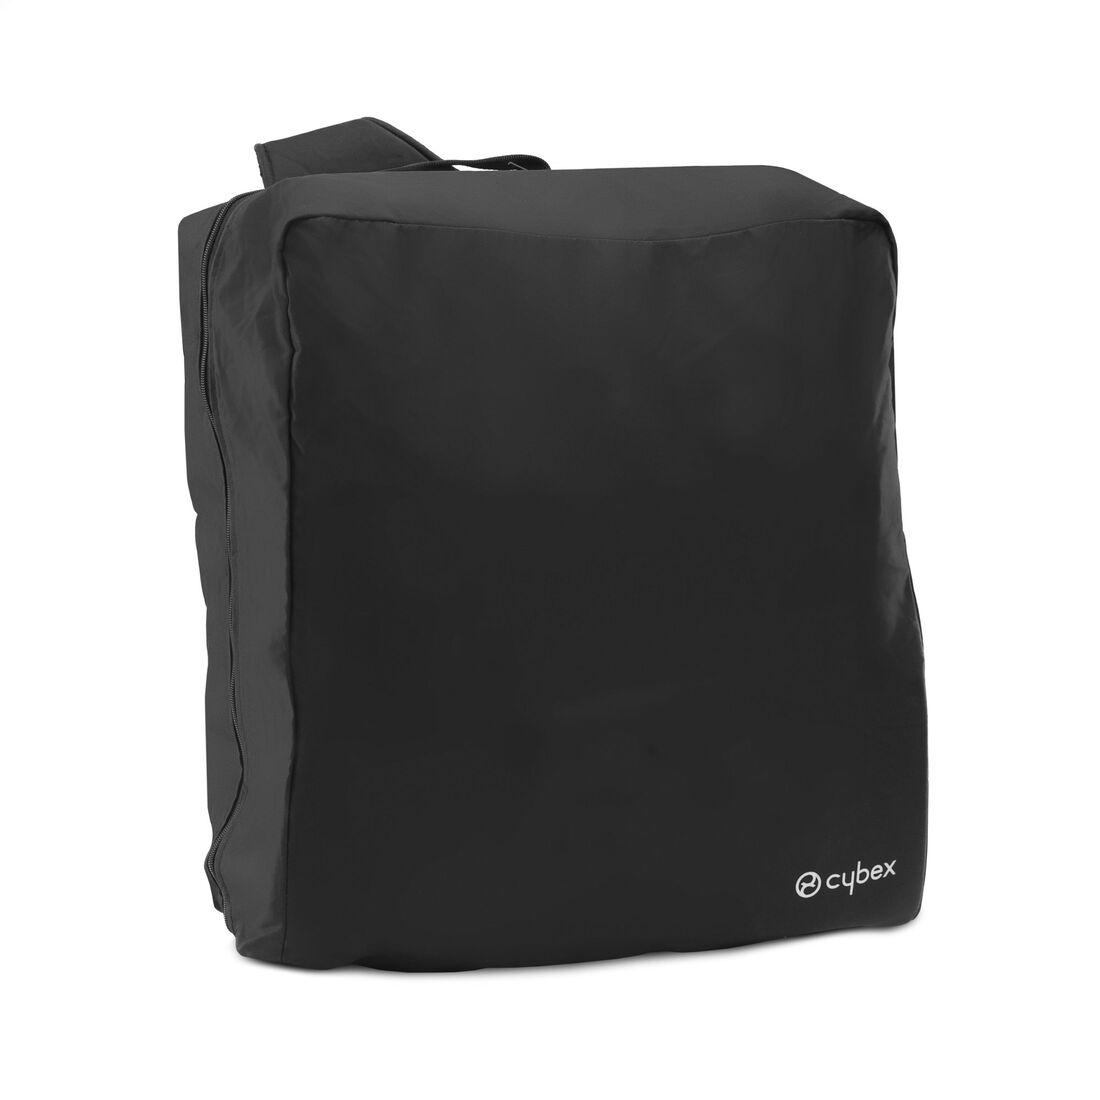 CYBEX Reisetasche Beezy / Eezy S Line - Black in Black large Bild 2